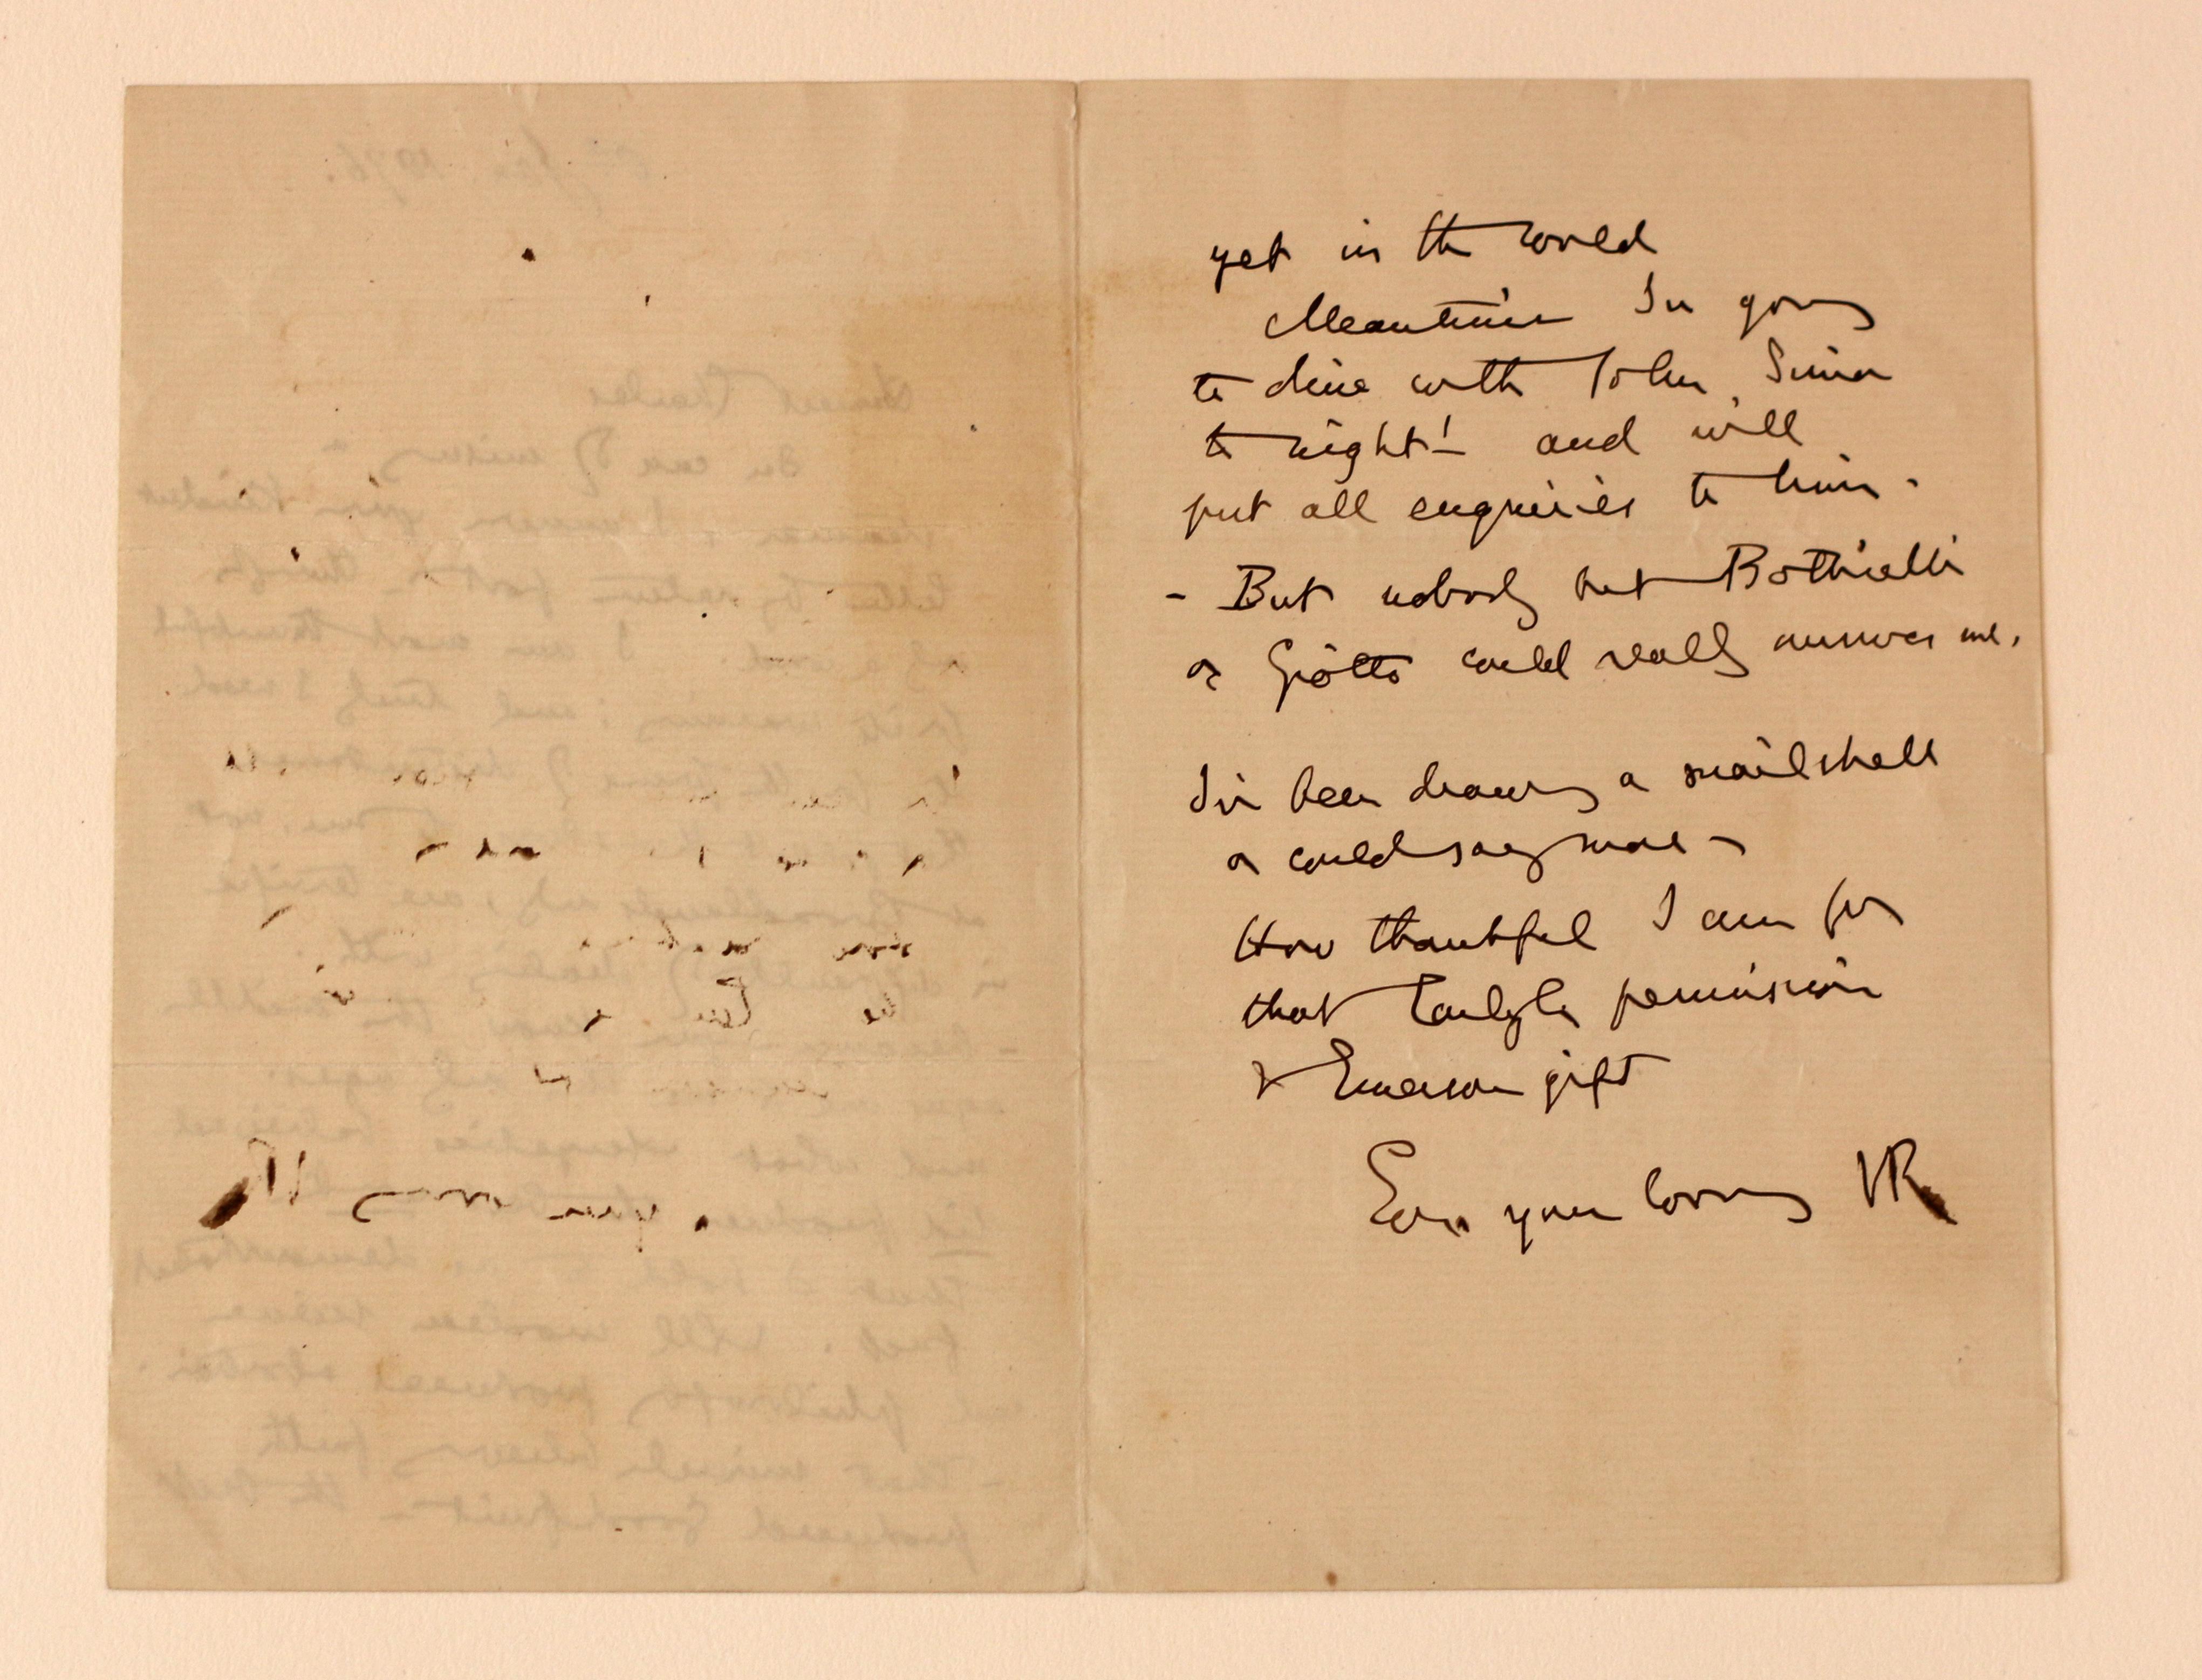 Ruskin Letter 2